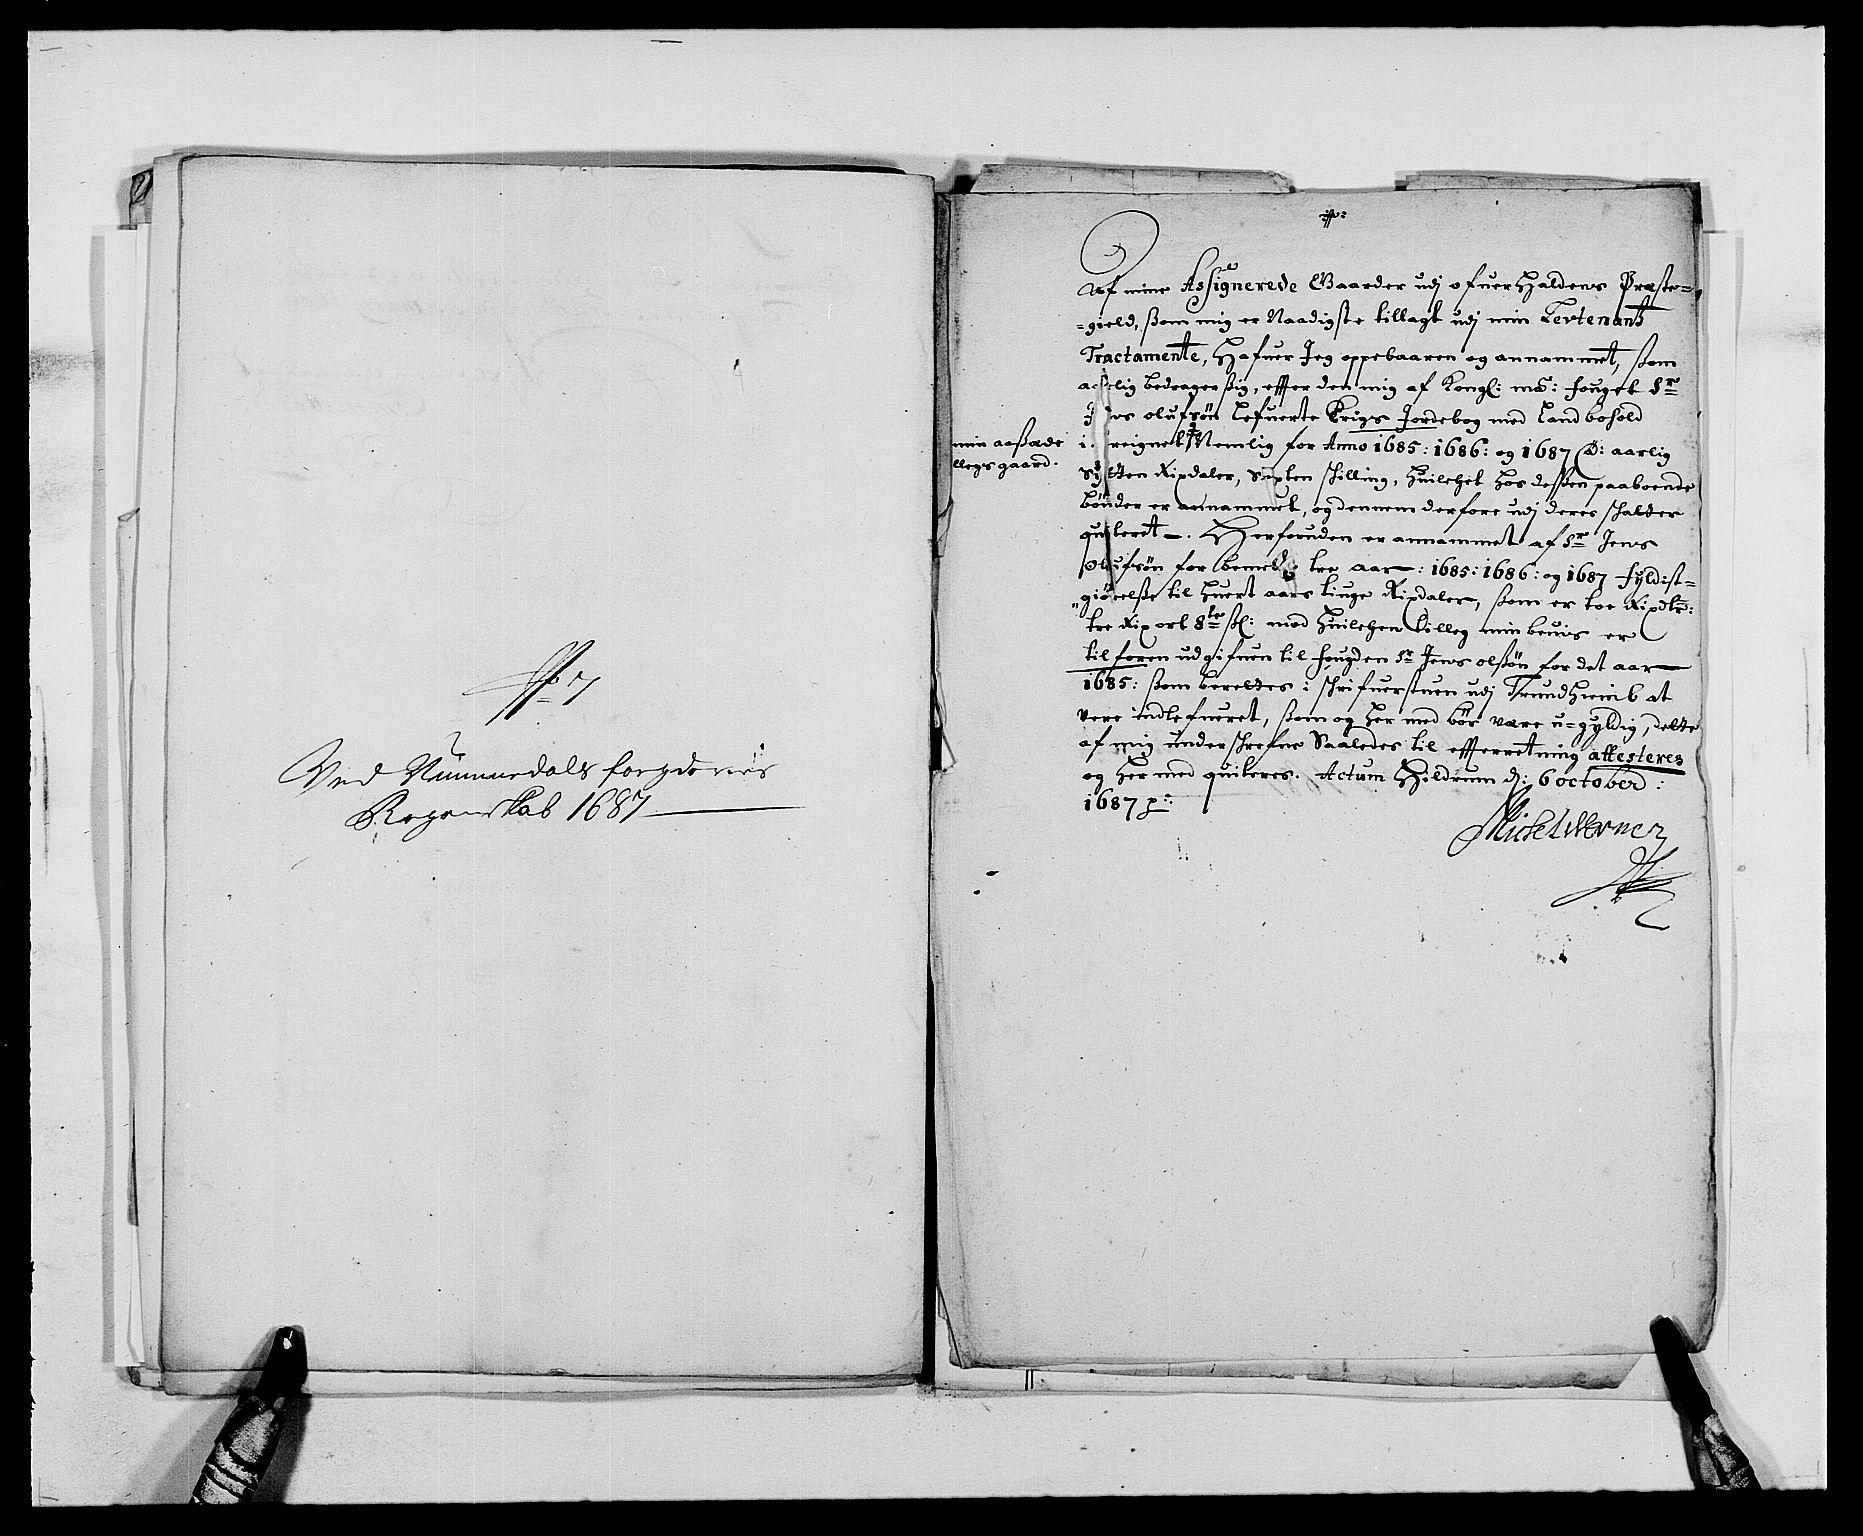 RA, Rentekammeret inntil 1814, Reviderte regnskaper, Fogderegnskap, R64/L4422: Fogderegnskap Namdal, 1687-1689, s. 85